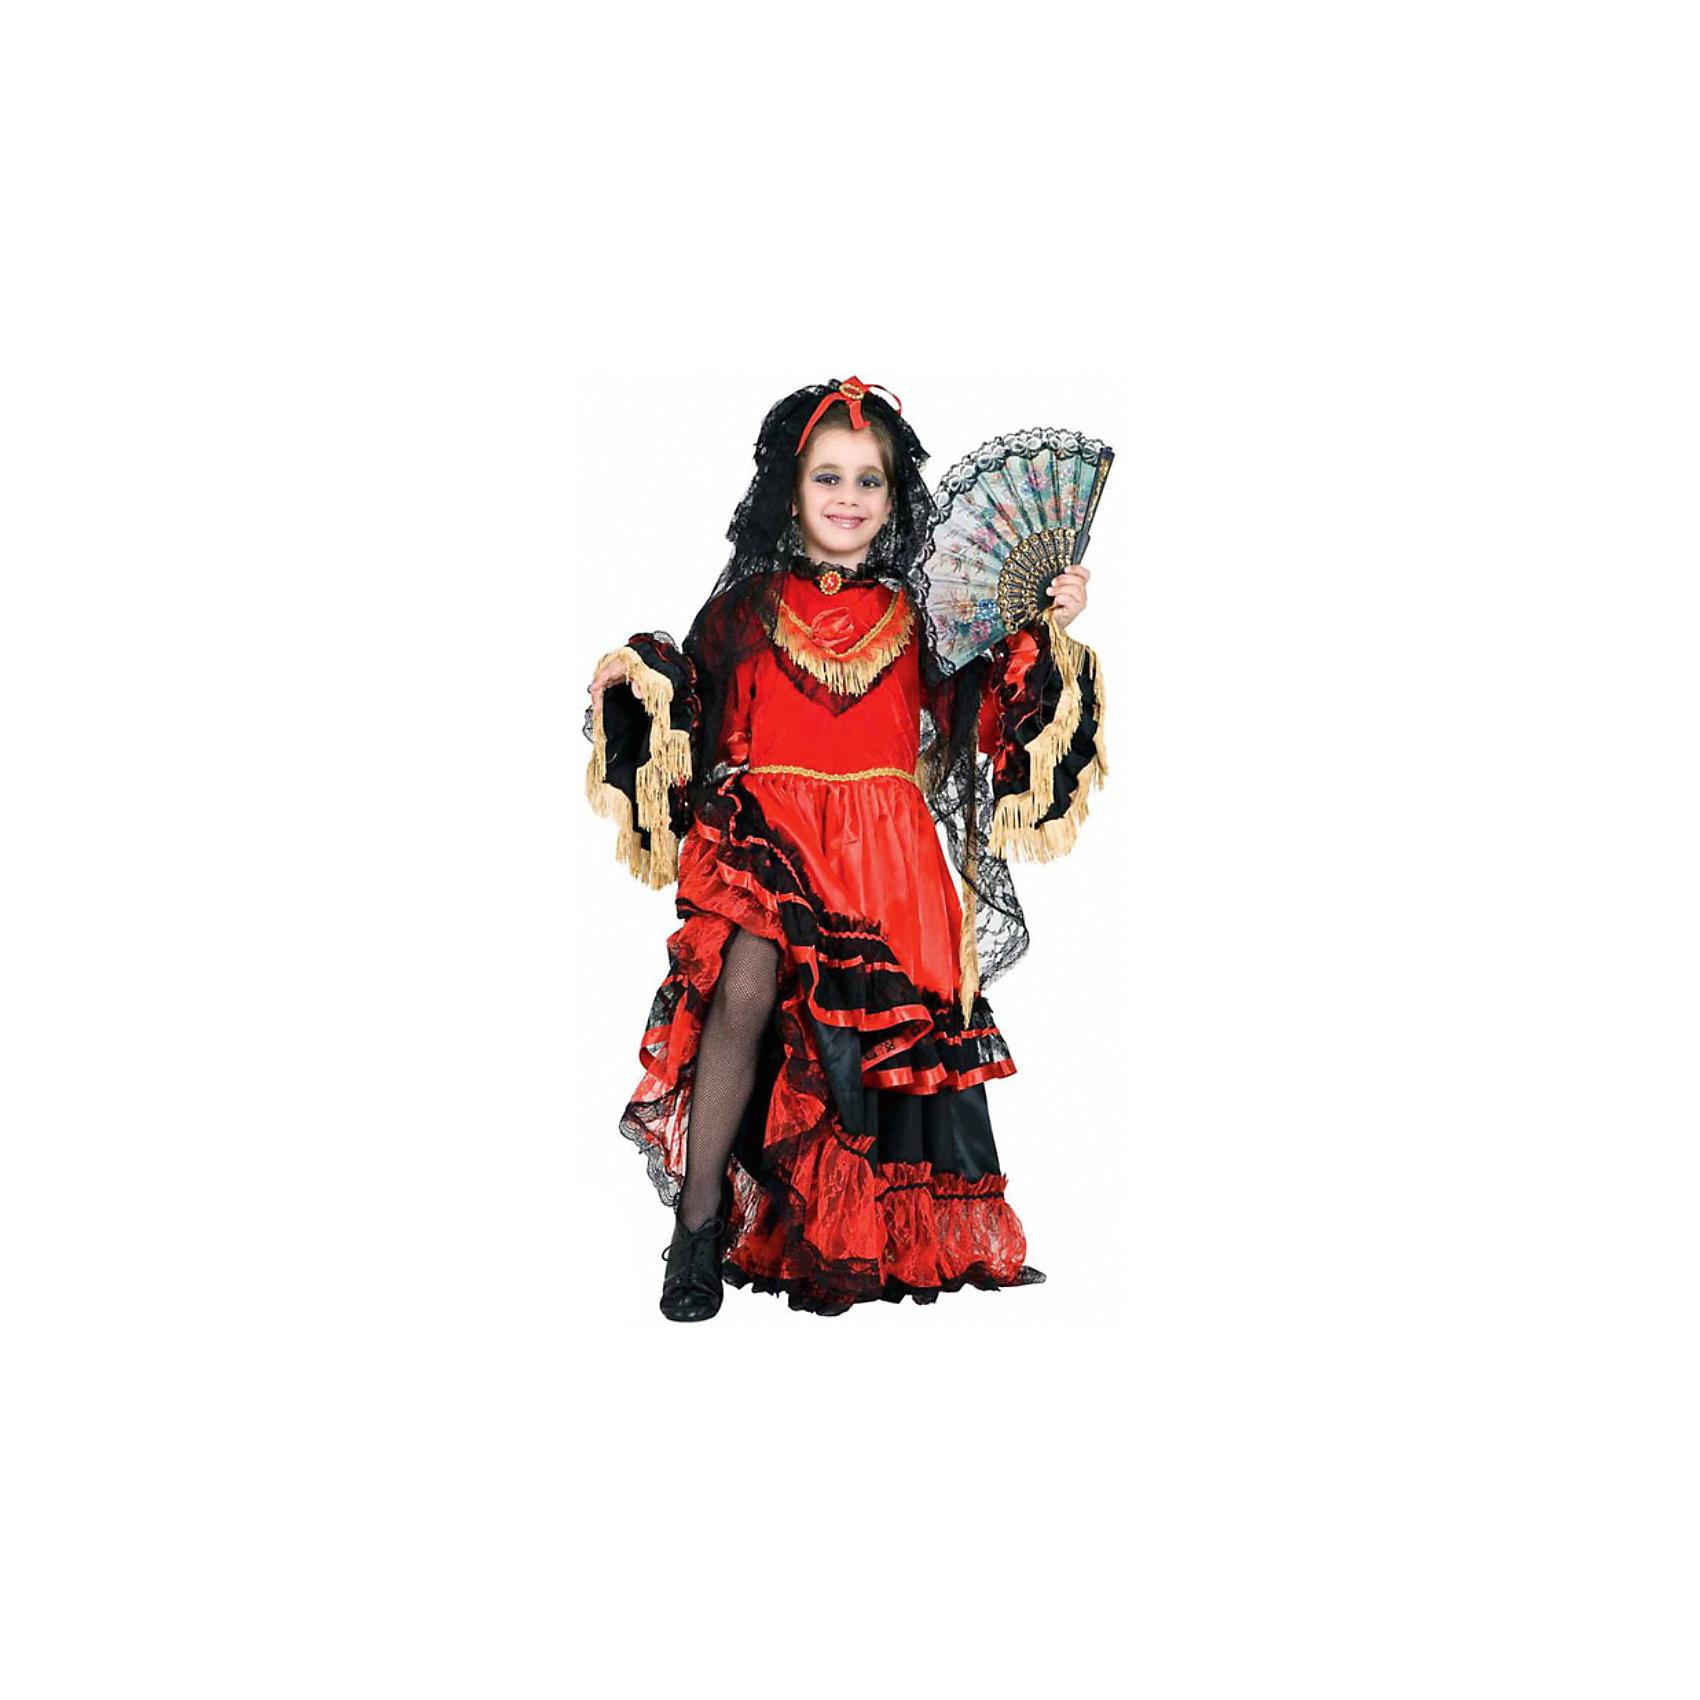 Карнавальный костюм Испанка, Veneziano